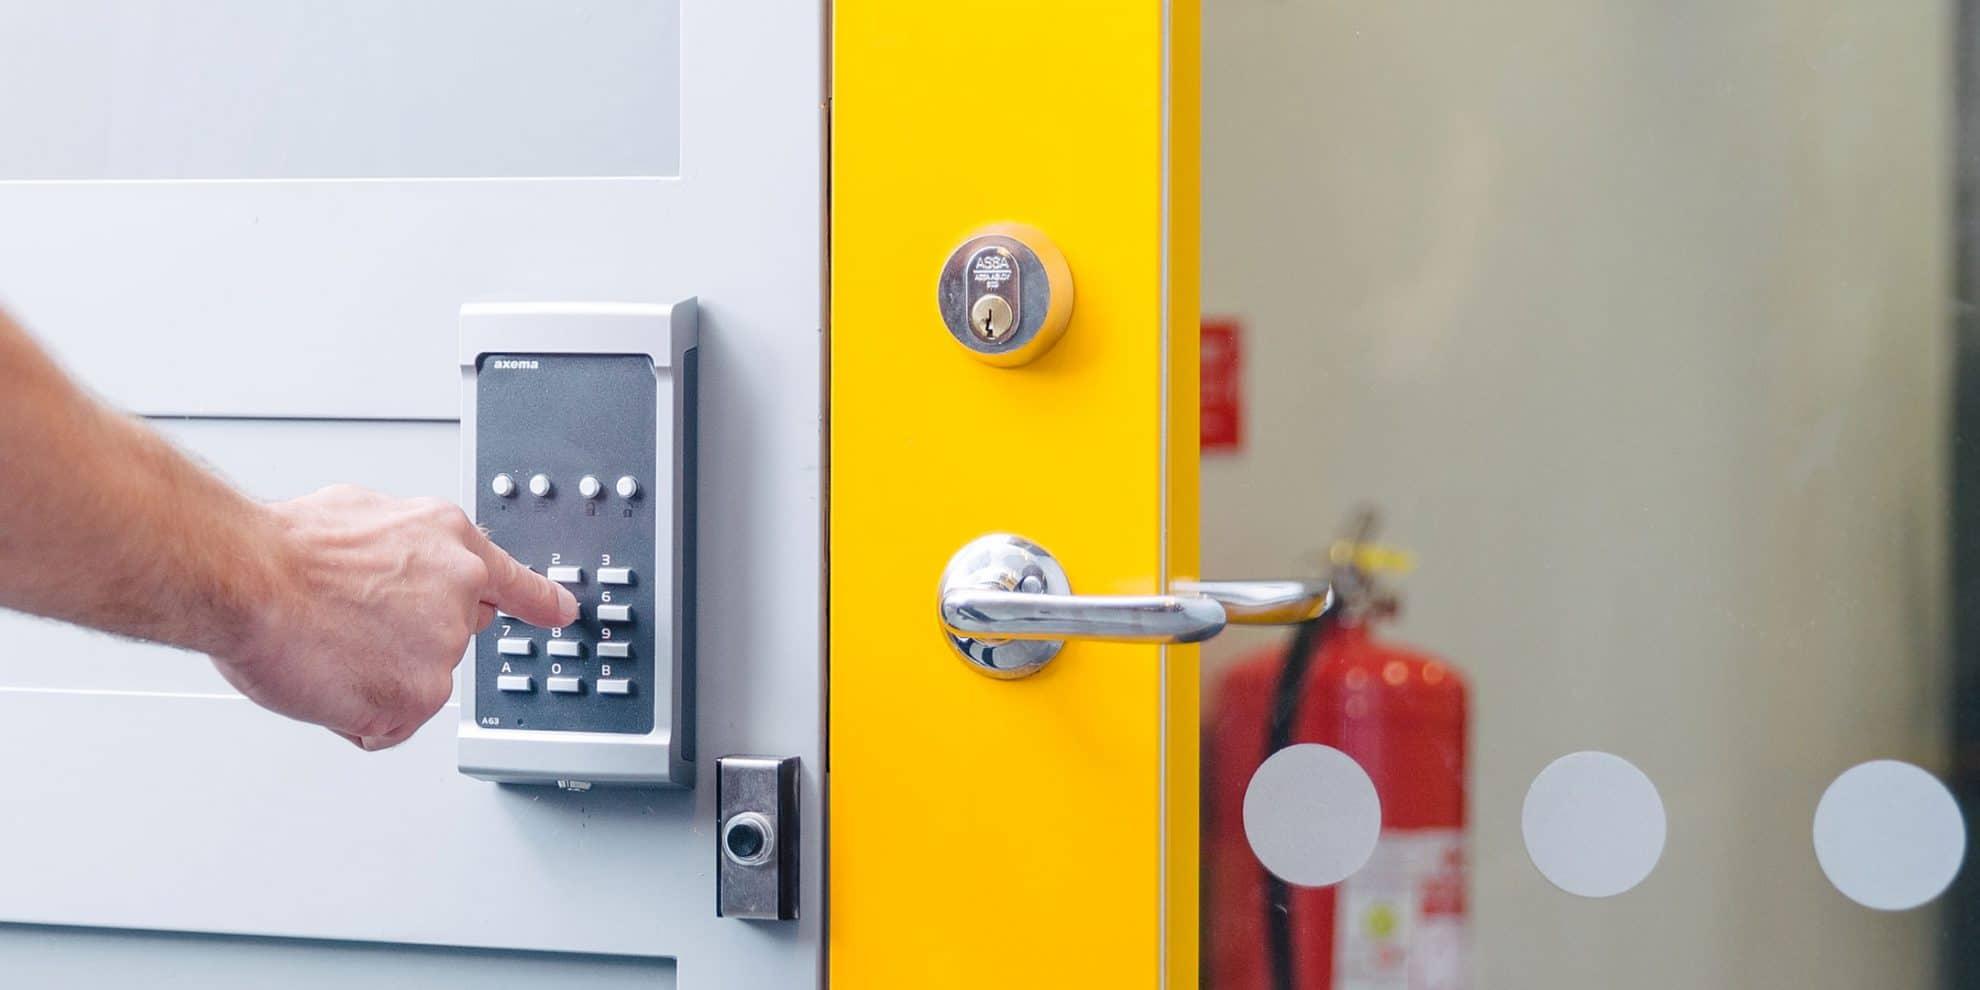 Bra Dörr med lås och kodlås - SafeTeam TB-83